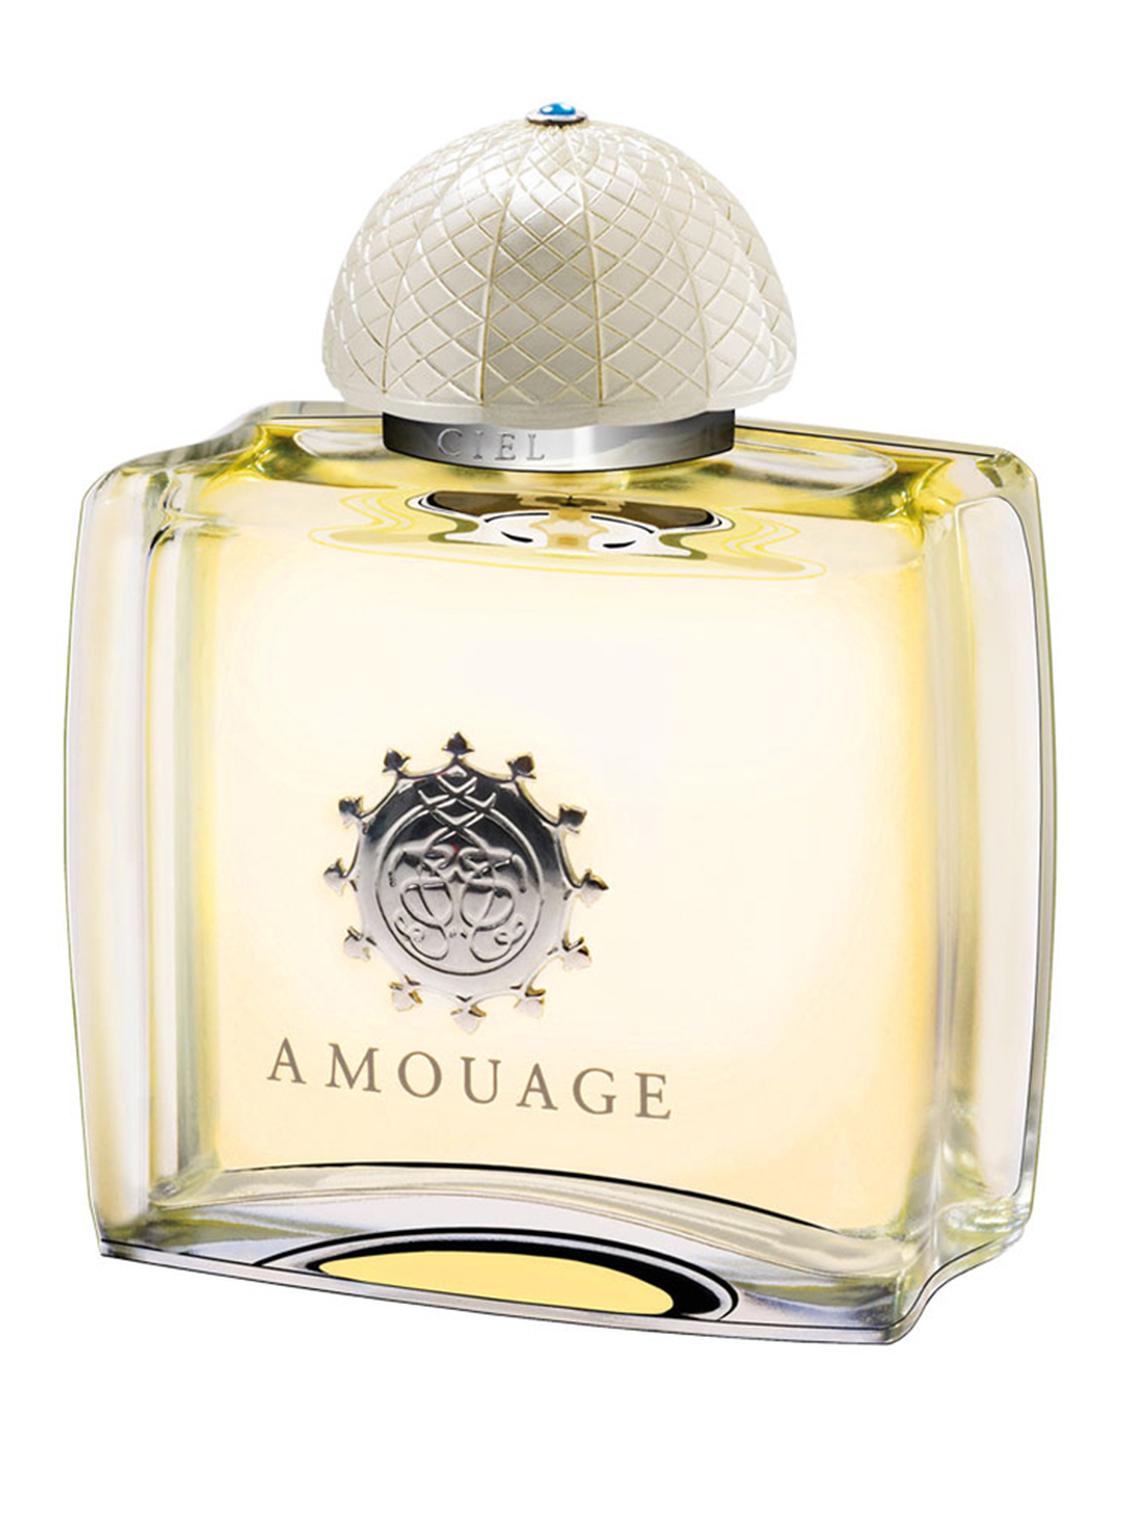 Image of Amouage Ciel Woman Eau de Parfum 50 ml